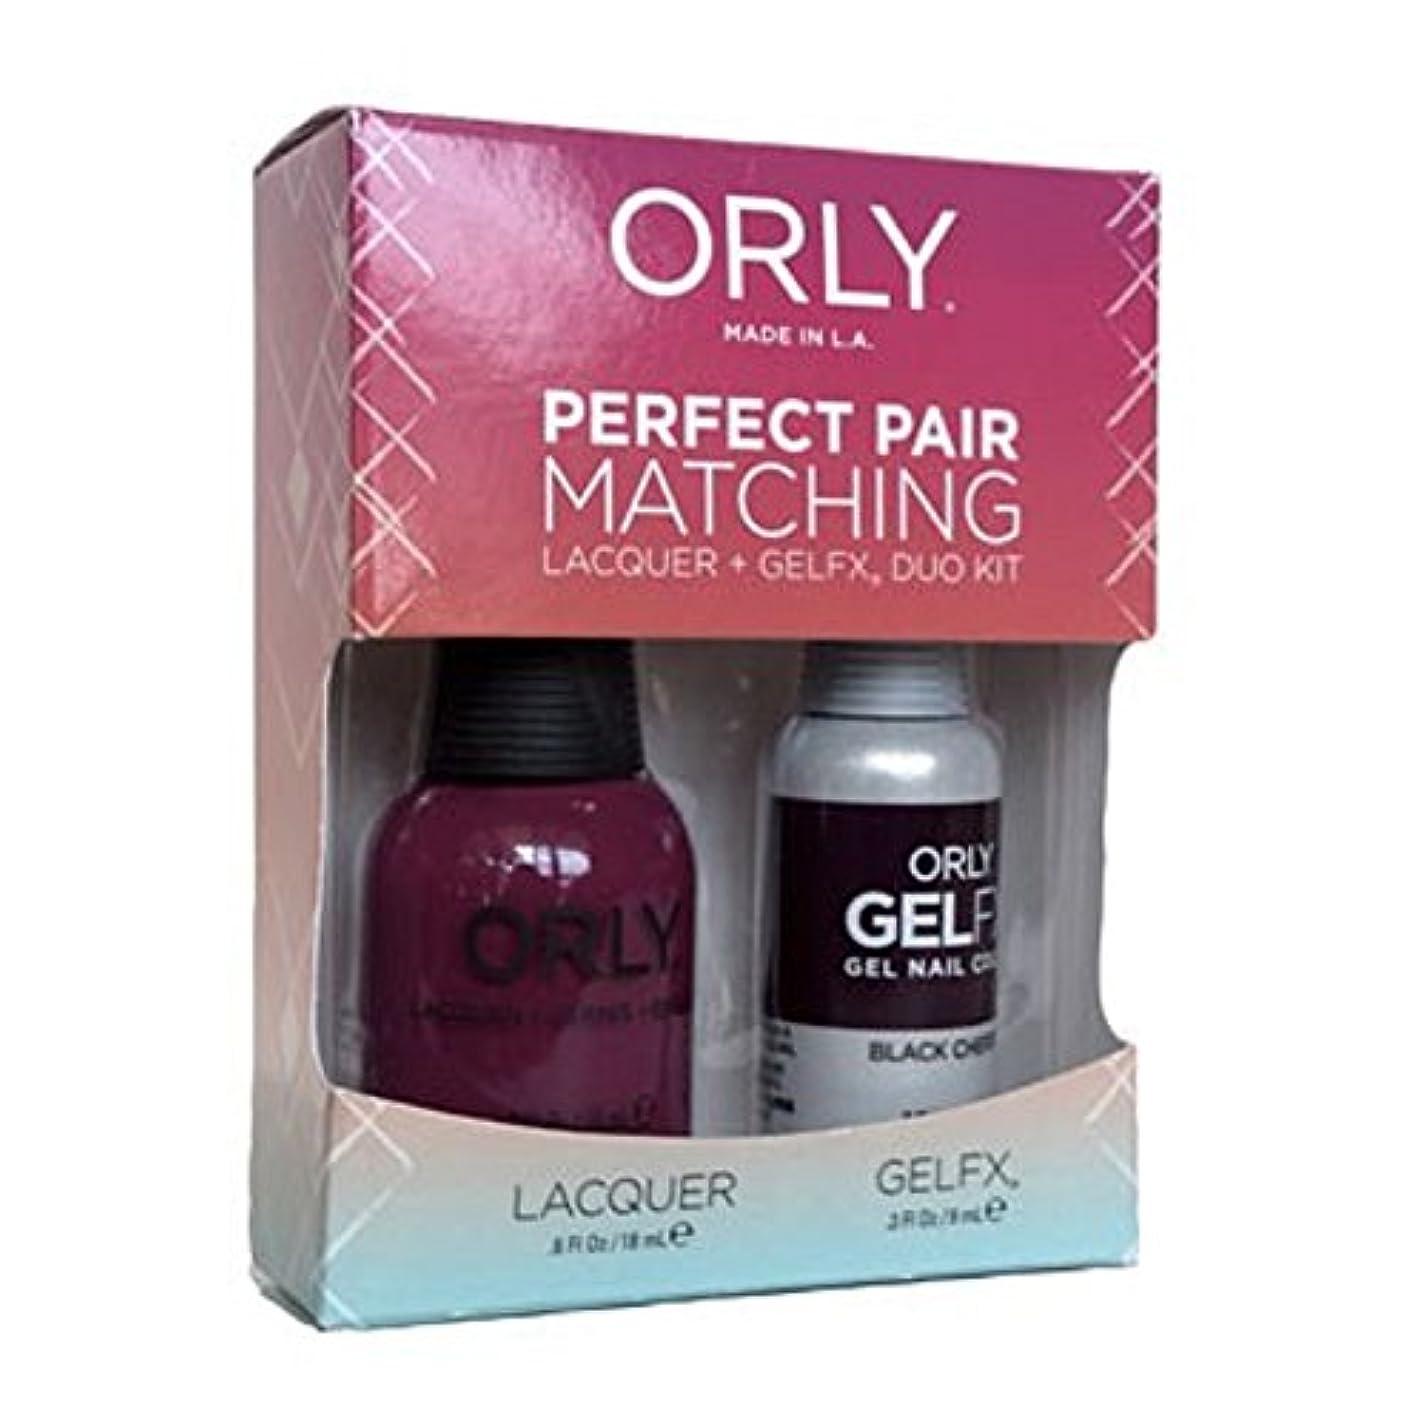 合併症アブセイ海峡Orly - Perfect Pair Matching Lacquer+Gel FX Kit - Black Cherry - 0.6 oz/0.3 oz